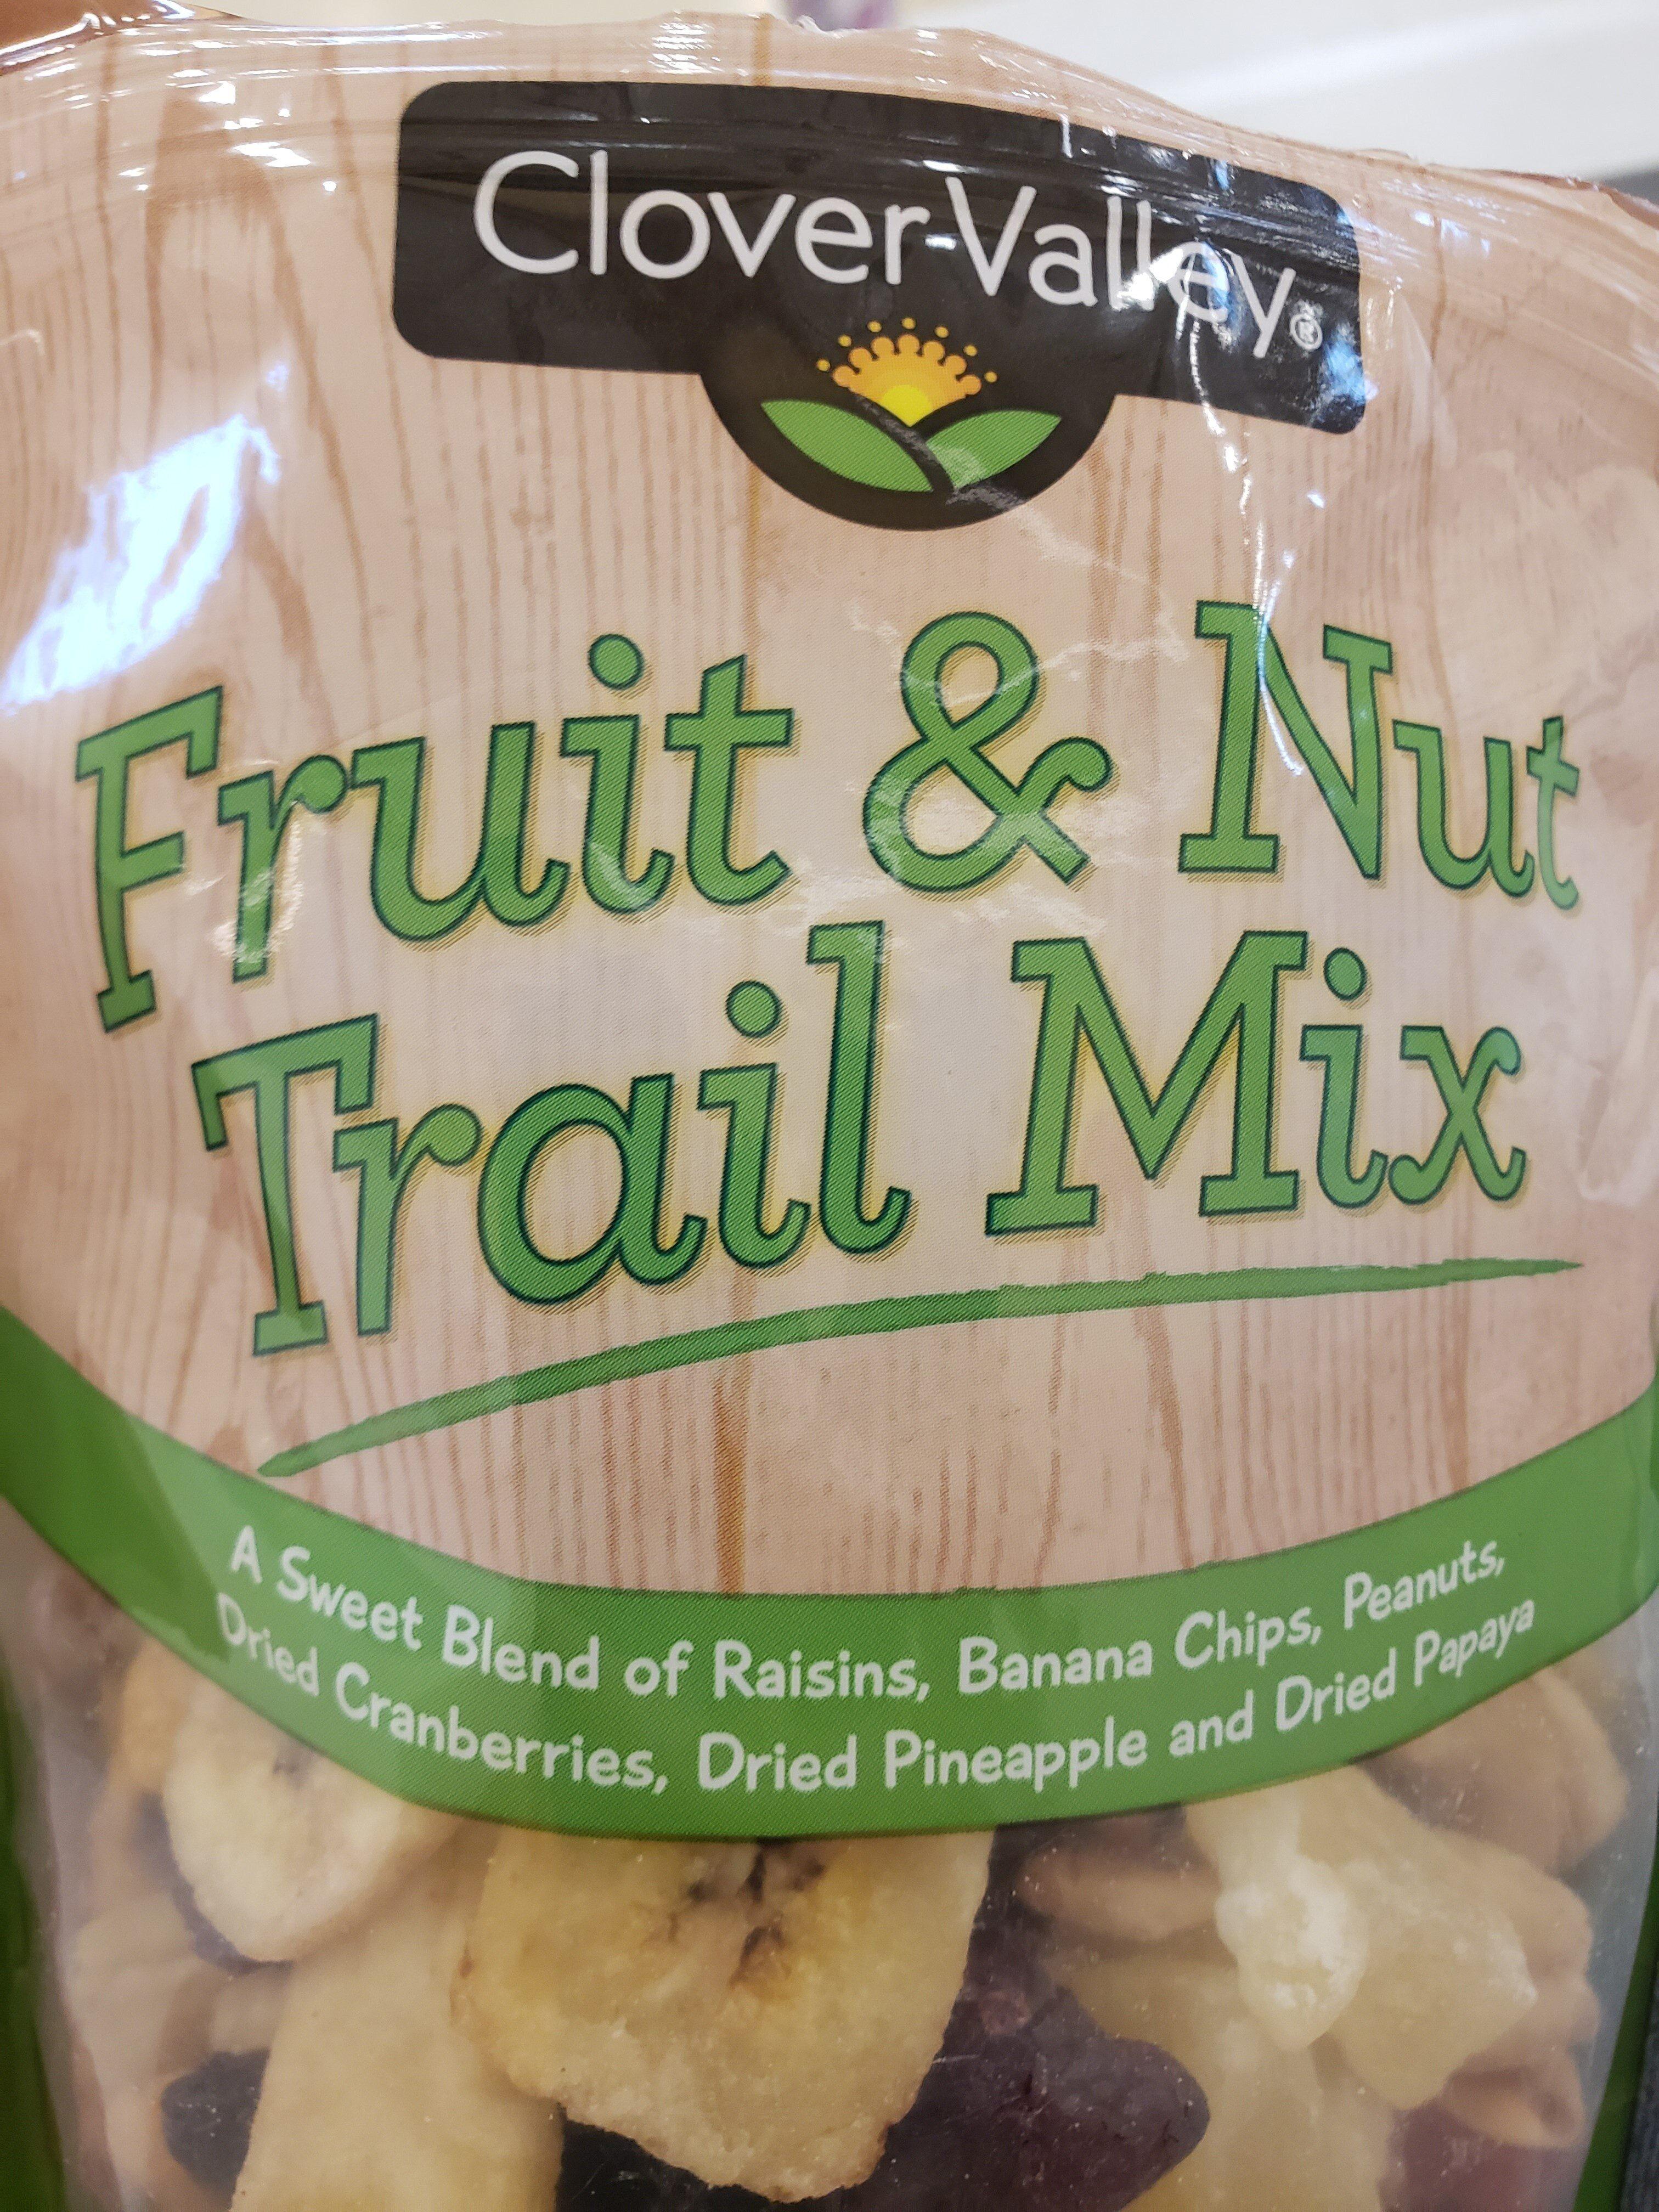 Fruit & Nut Trail Mix - Product - en